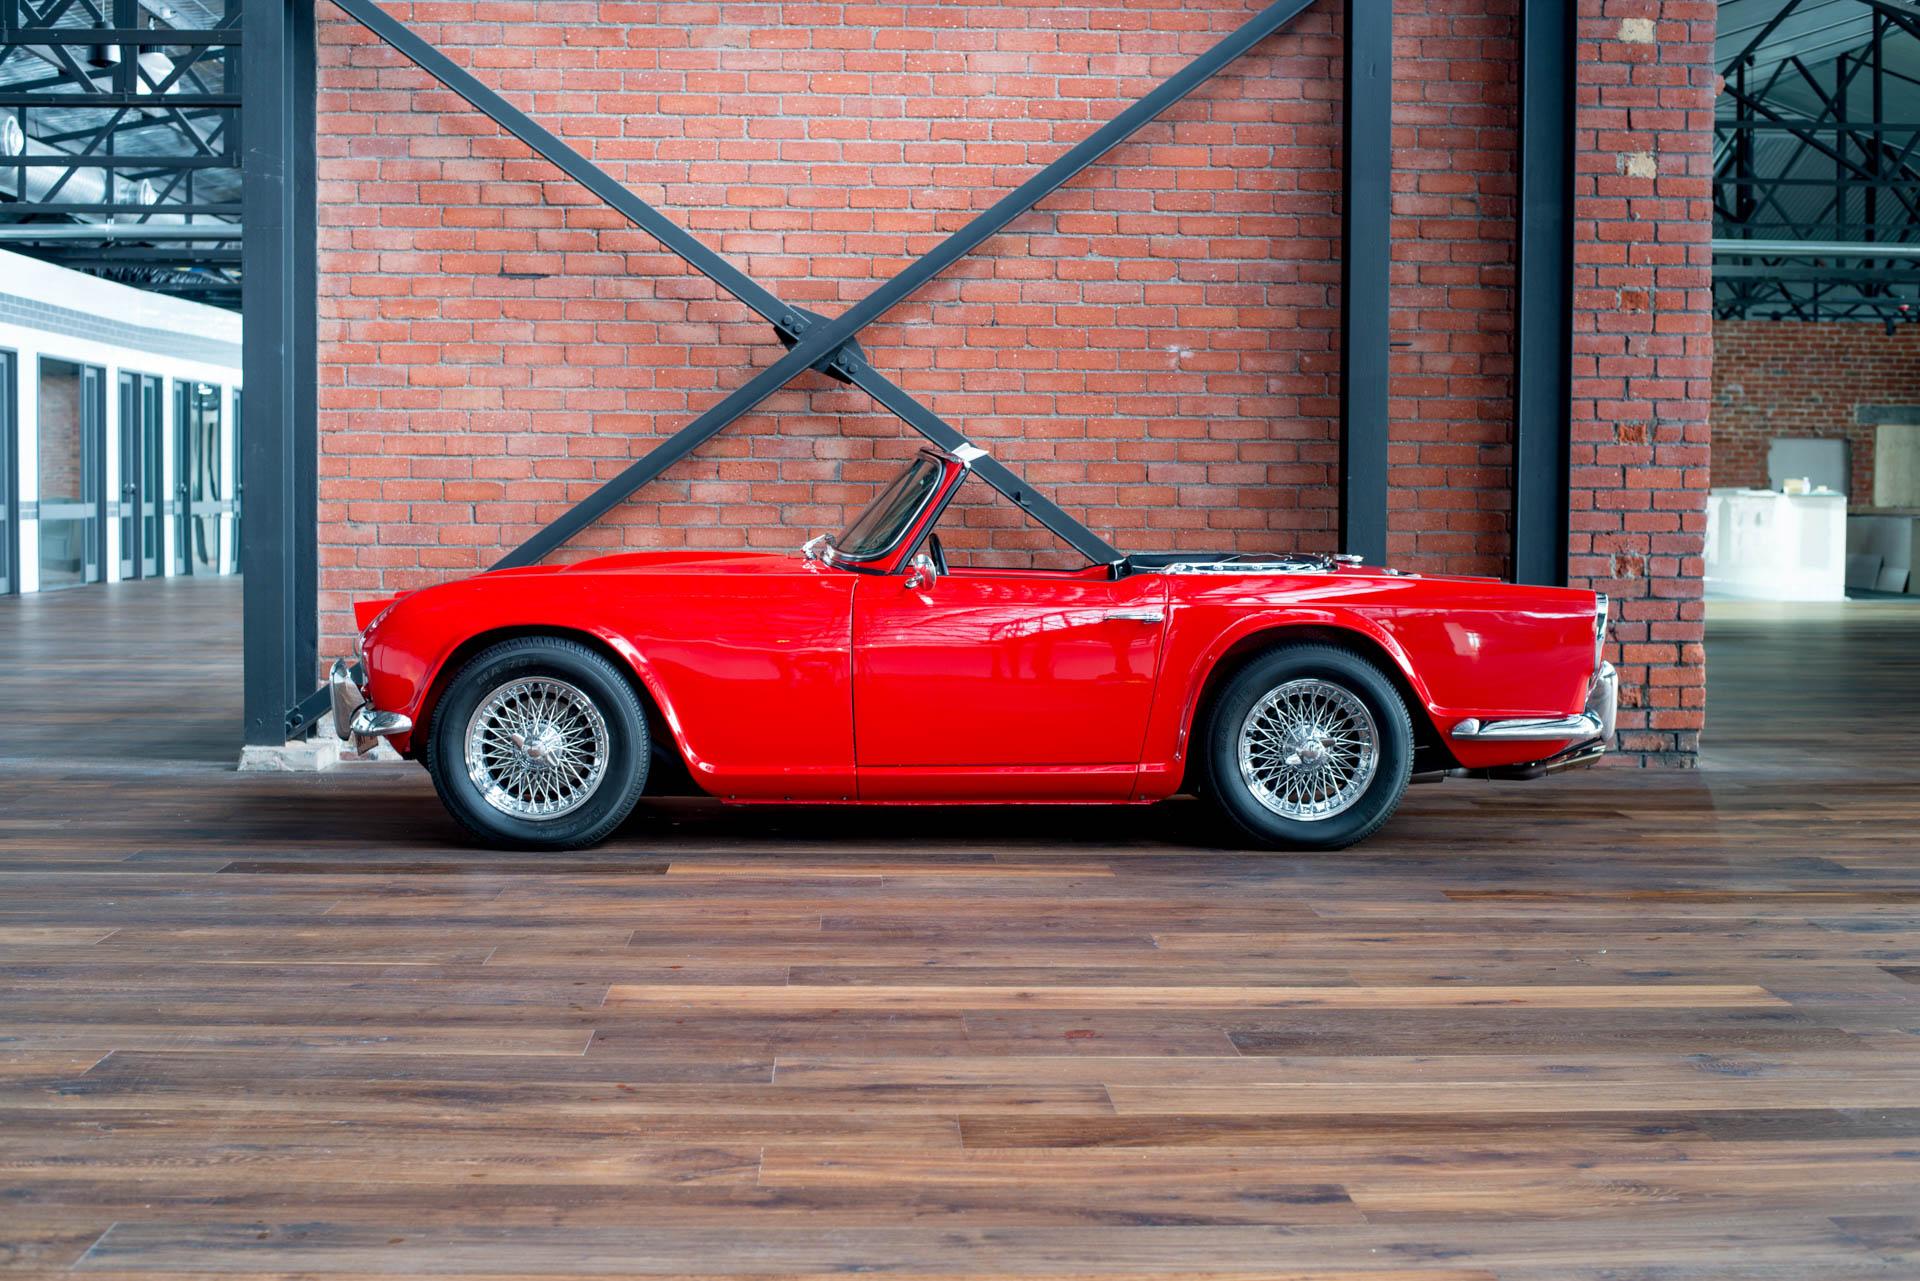 1962 Triumph Tr4 Richmonds Classic And Prestige Cars Storage